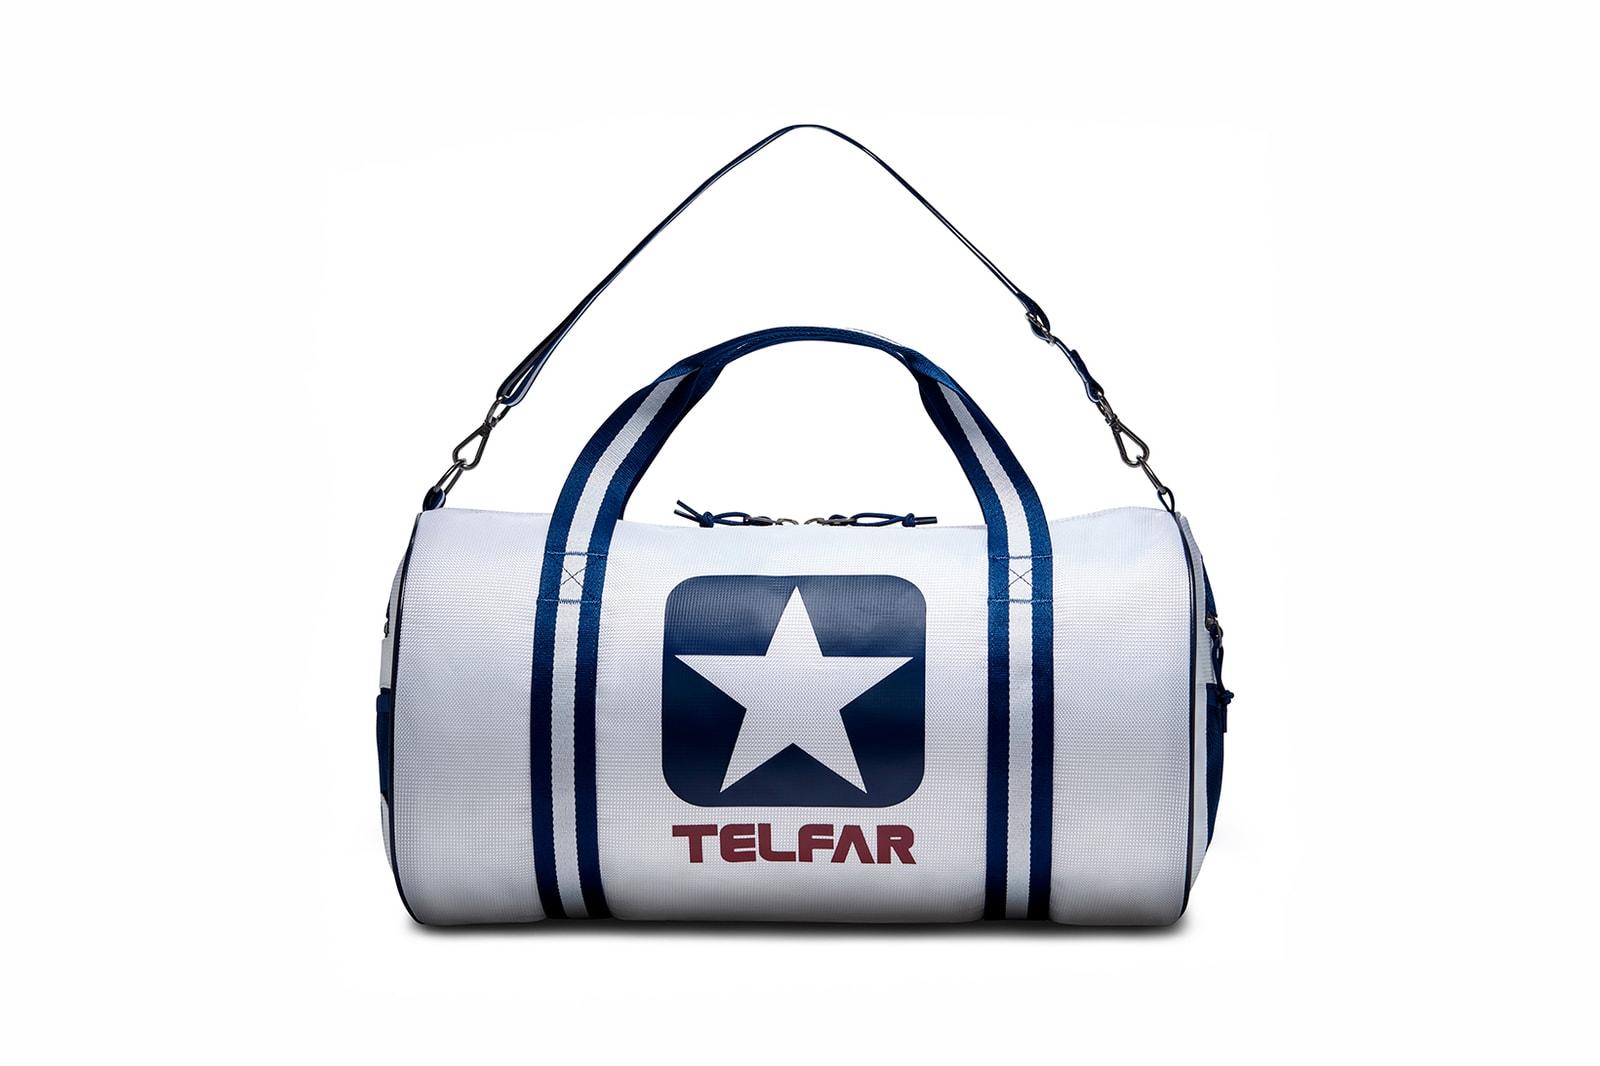 Converse x Telfar Collaboration Duffle Bag